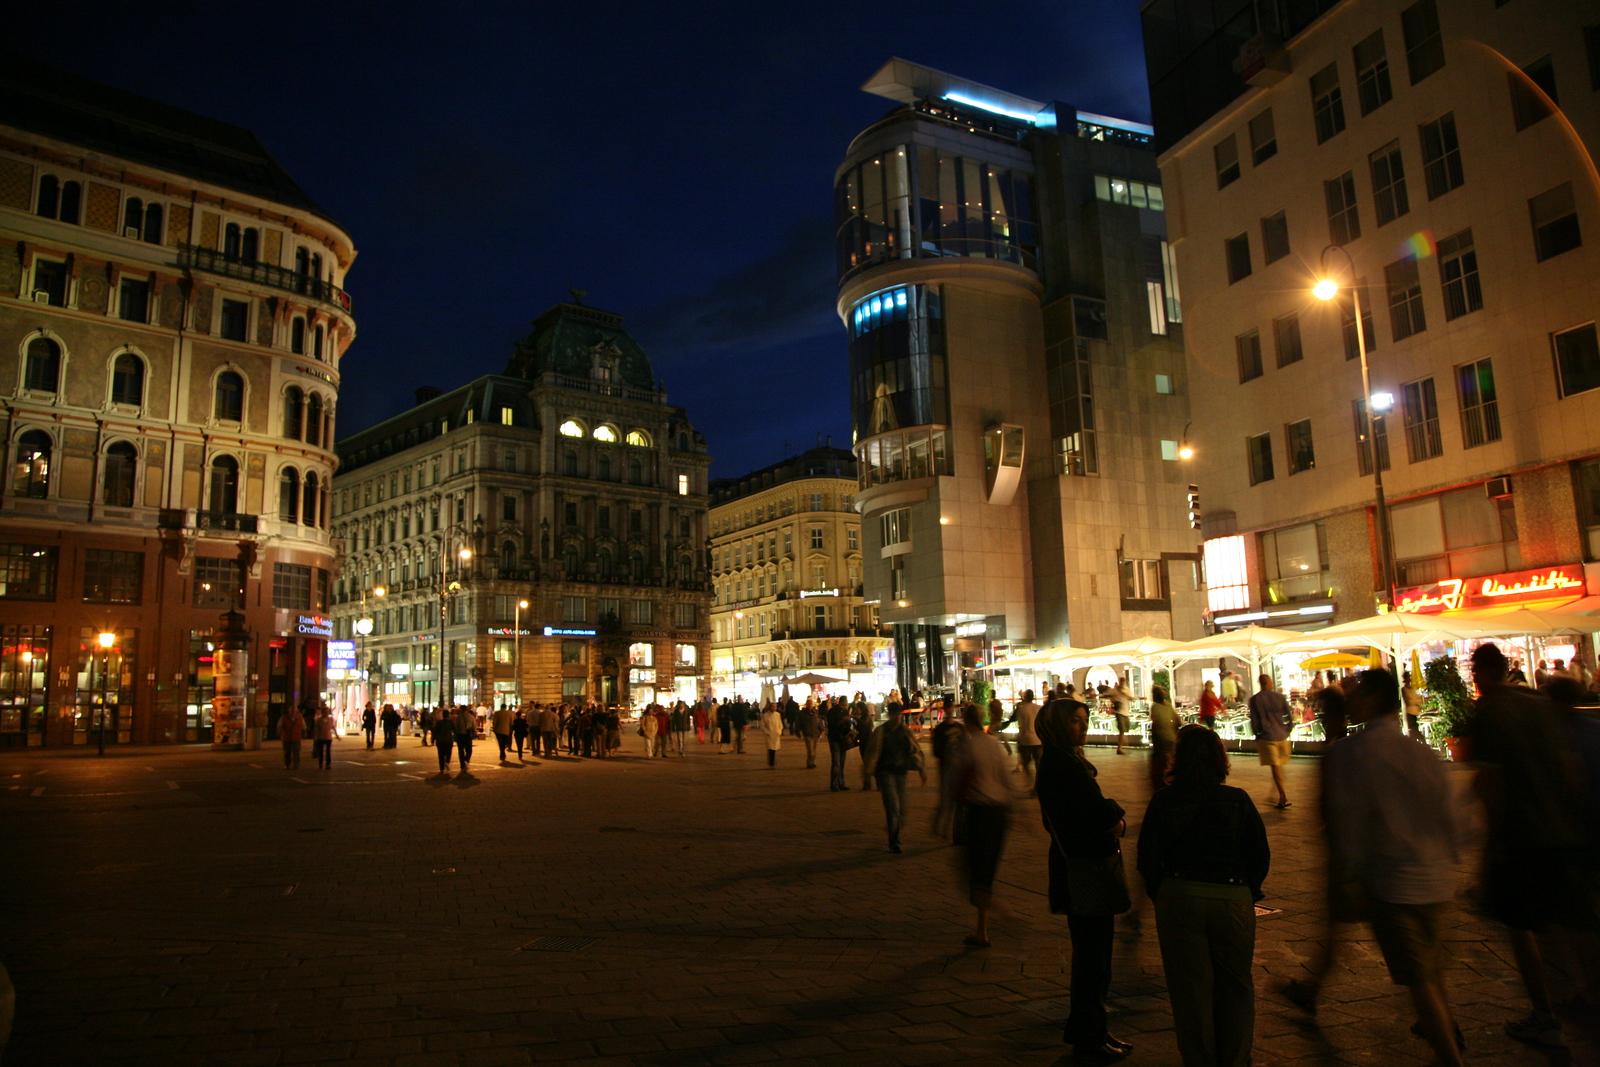 Stephensplatz at night